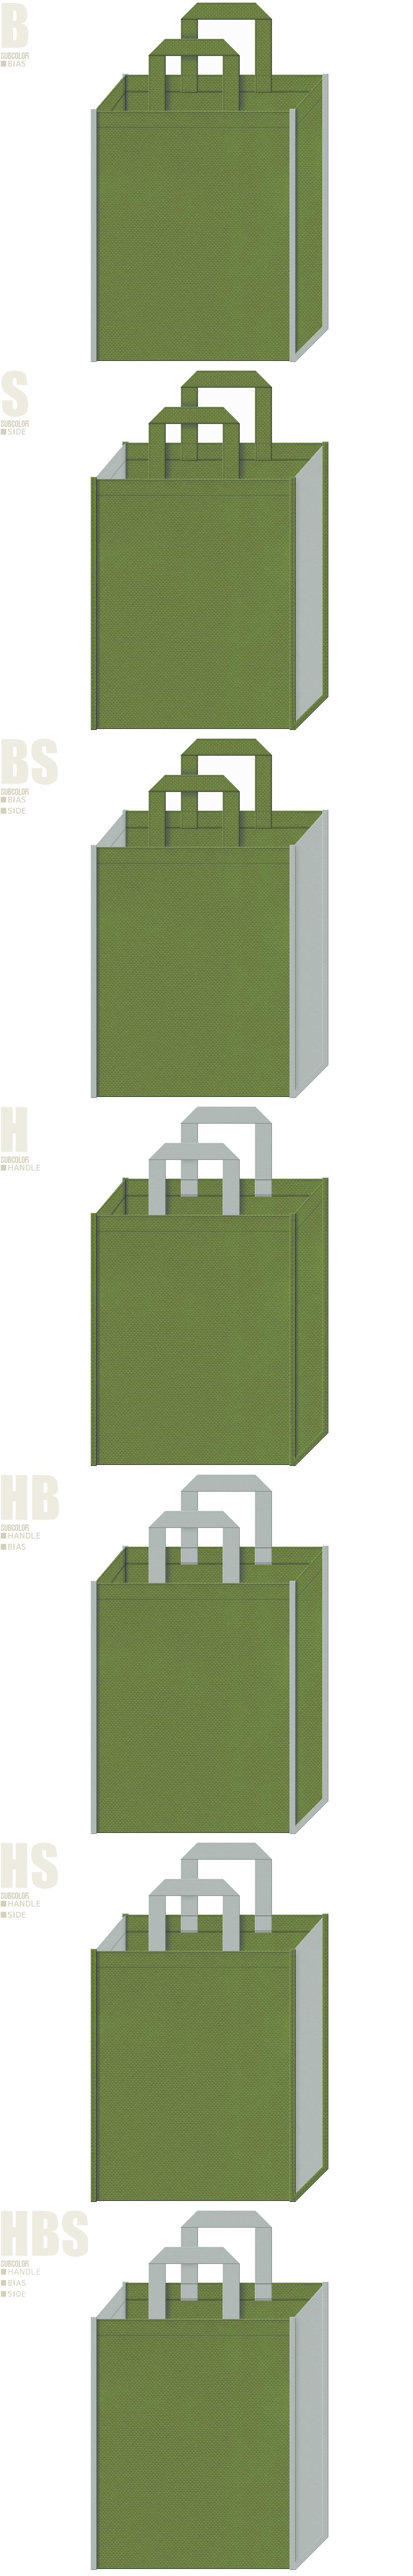 建築・設計・壁面緑化・屋上緑化・エクステリアの展示会用バッグにお奨めの不織布バッグデザイン:草色とグレー色の配色7パターン